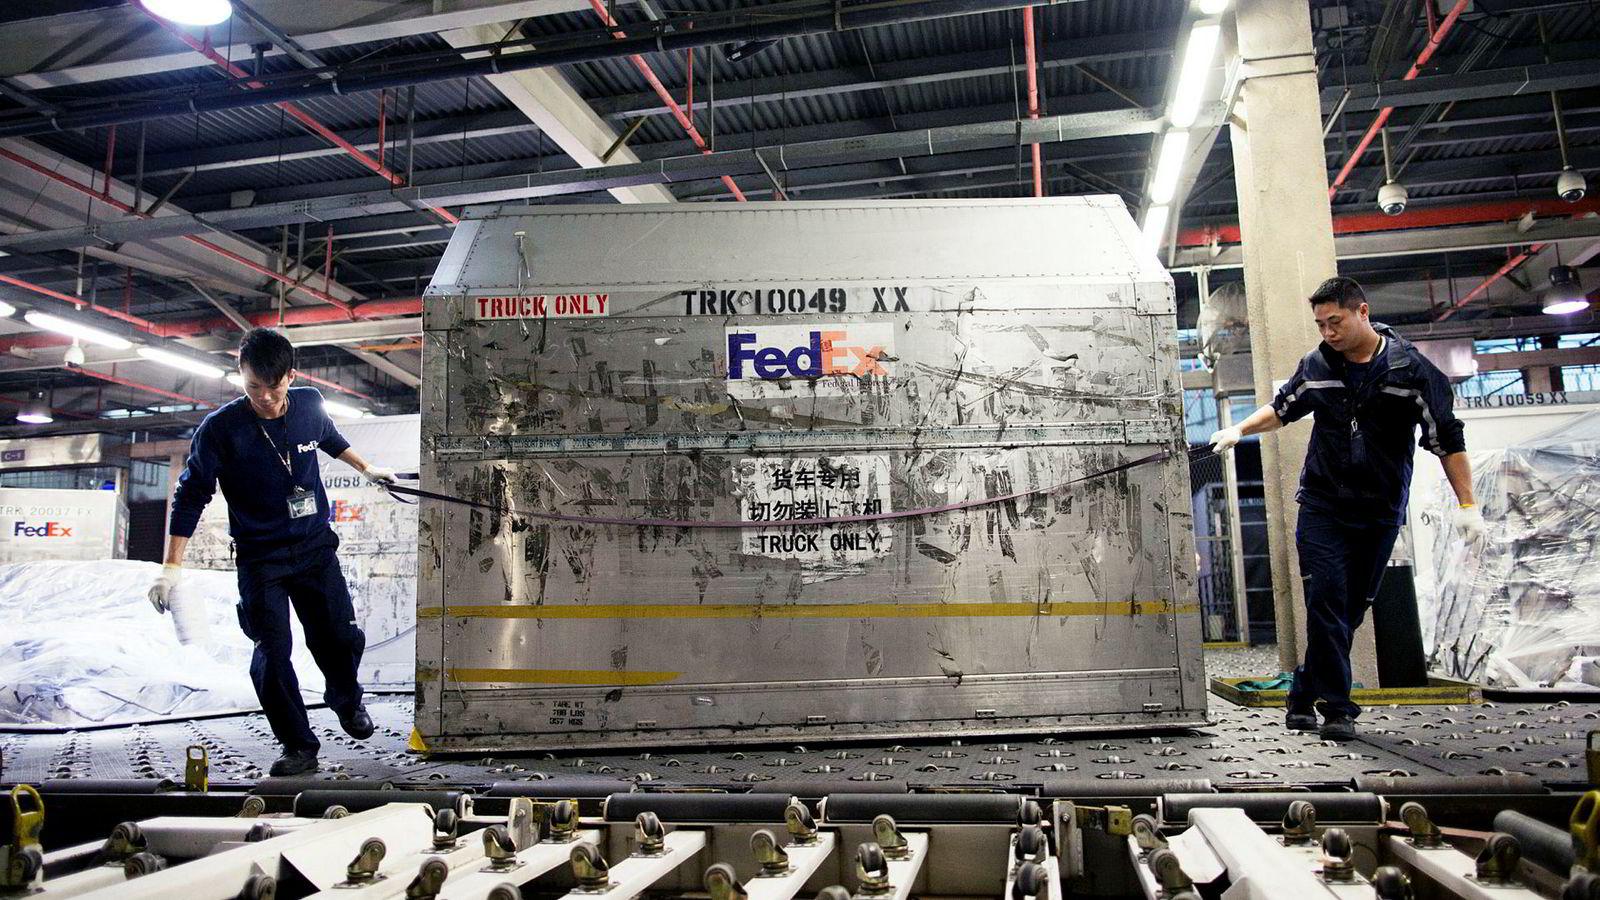 Kina er i ferd med å etablere en oversikt over utenlandske selskaper som de mener «skader landets interesser». Det amerikanske fraktselskapet FedEx har havnet i skuddlinjen i handelskrigen mellom USA og Kina.